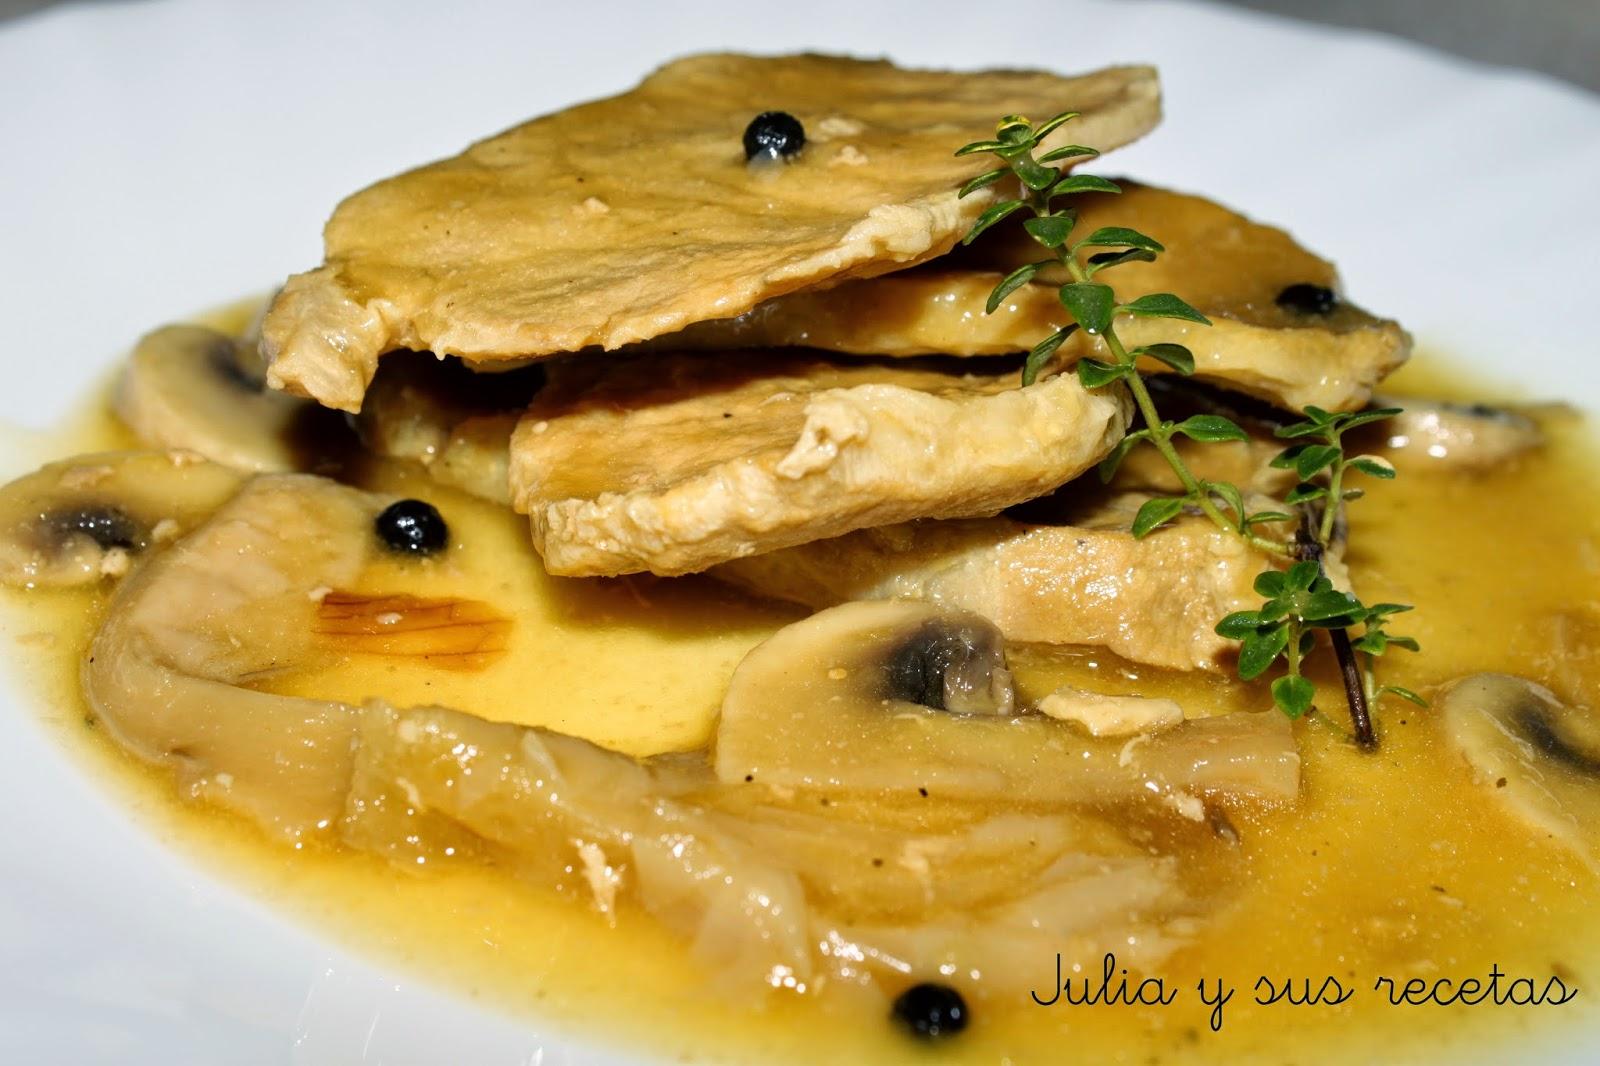 Julia y sus recetas lomo de cerdo a la sidra con setas y - Guarniciones para carne en salsa ...